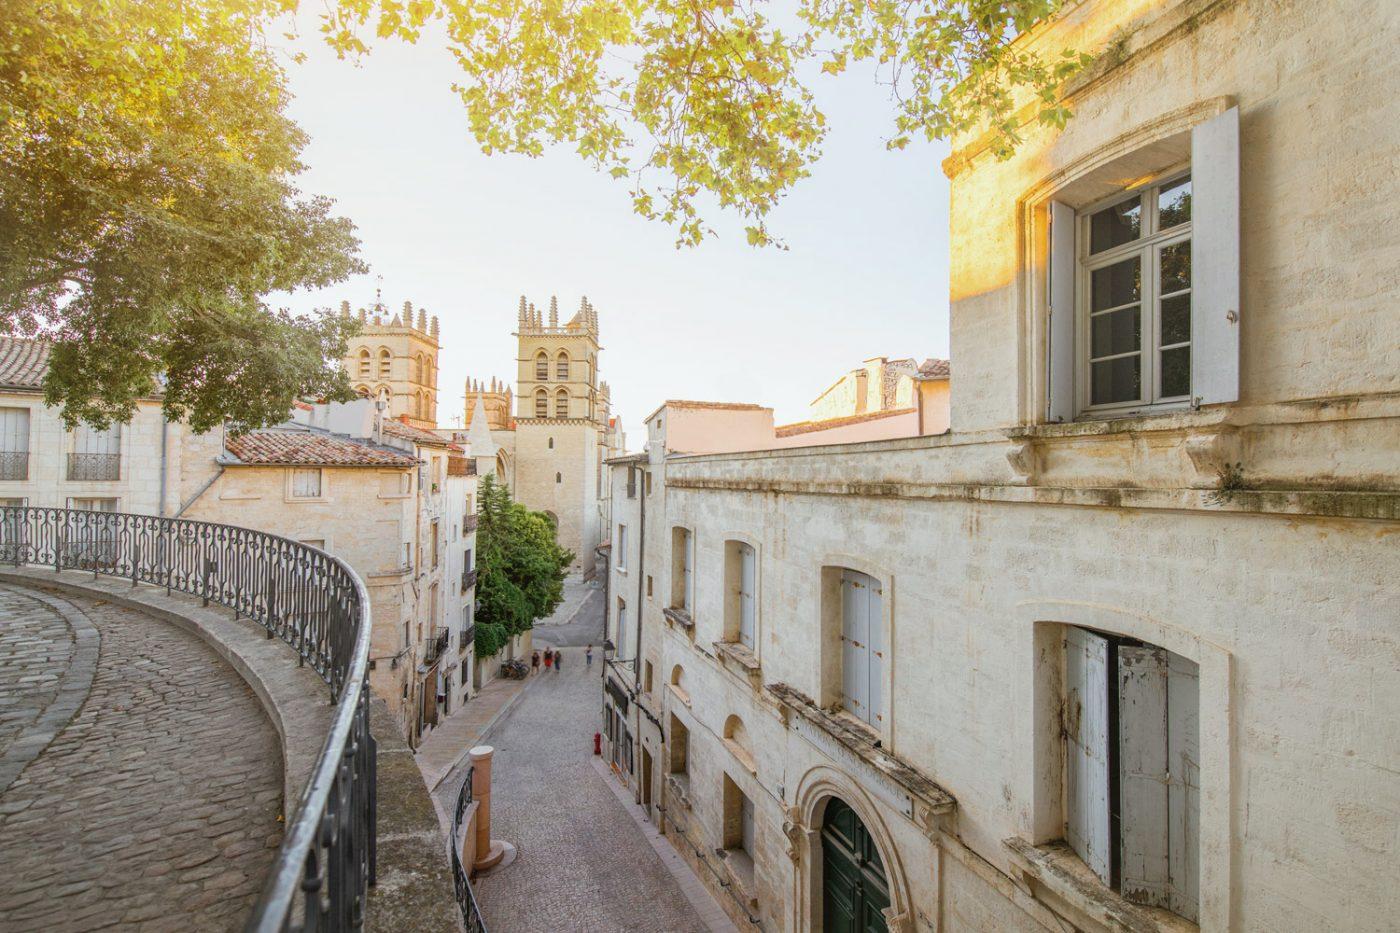 Der Blick von oben auf eine Straße in Montpellier, Frankreich.